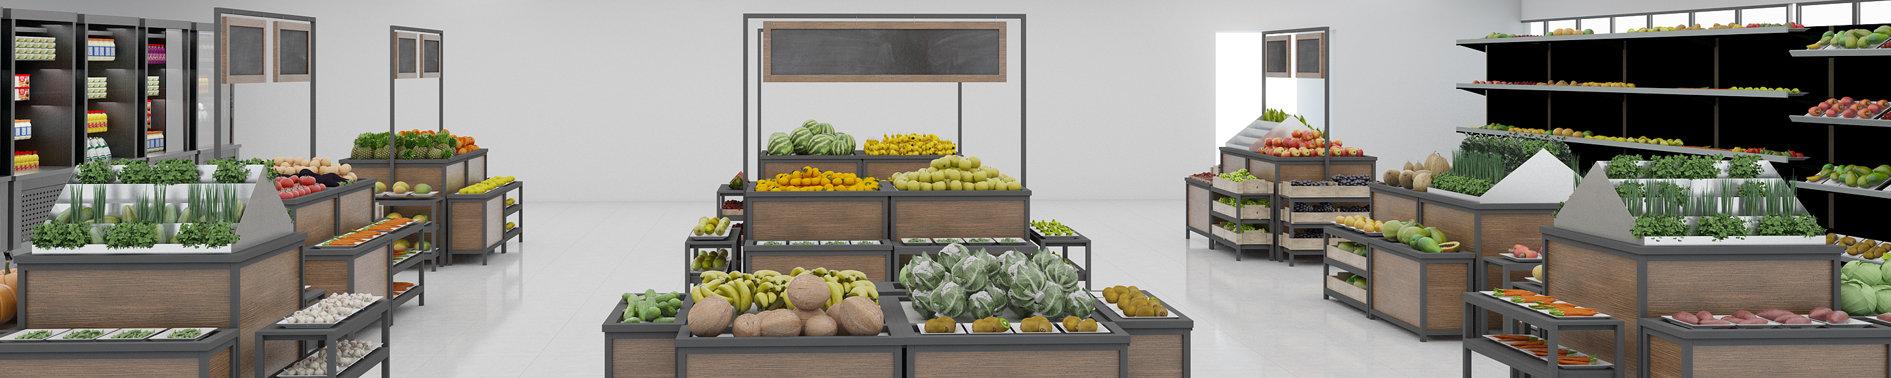 Texteira Supermercados - Vascas.jpg